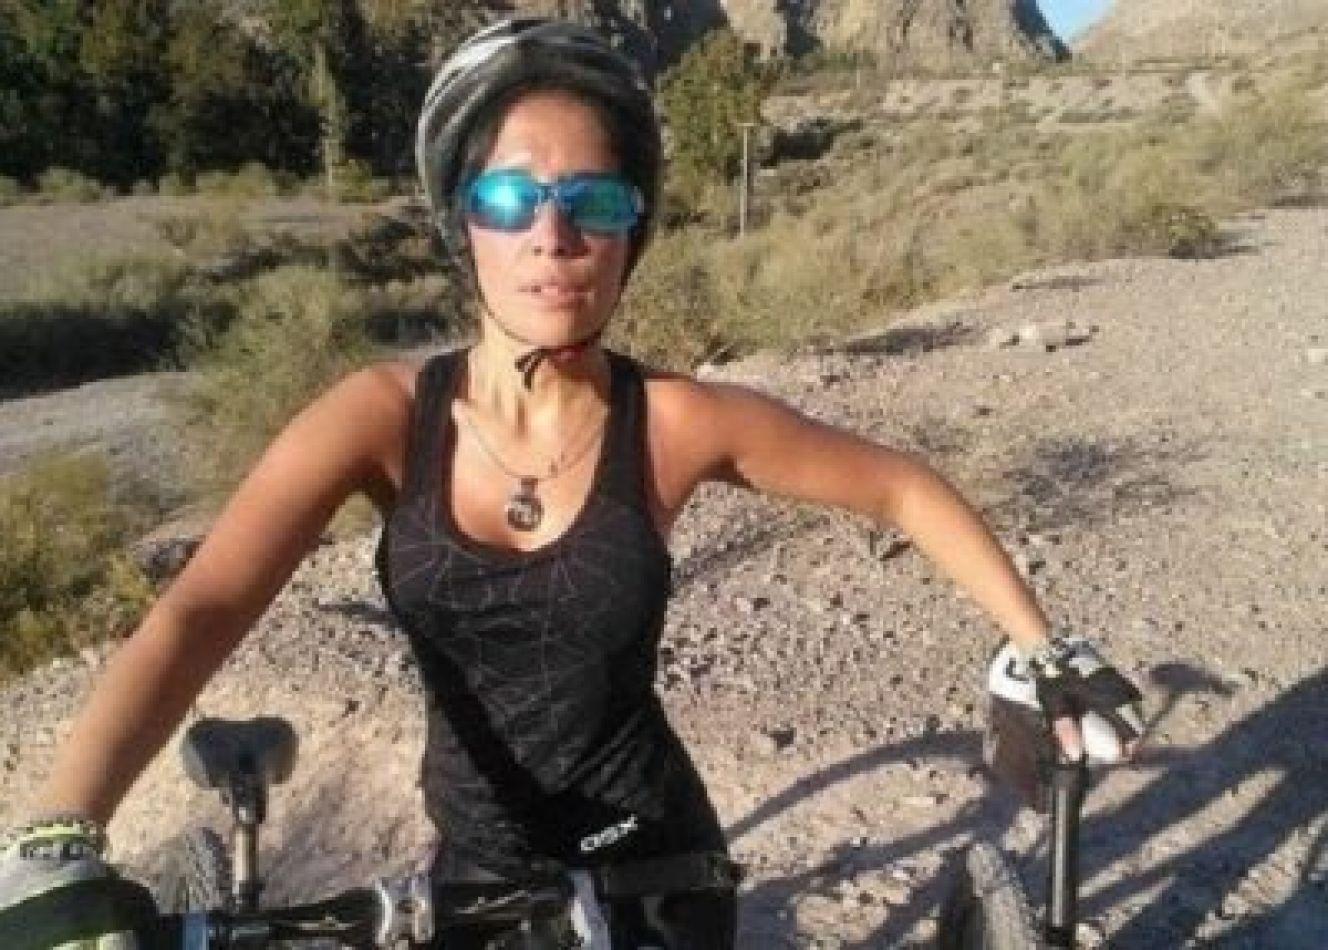 Valeria Gramajo, una deportista apasionada del trekking, perdió la vida este fin de semana ante las heridas que sufrió tras una caída.